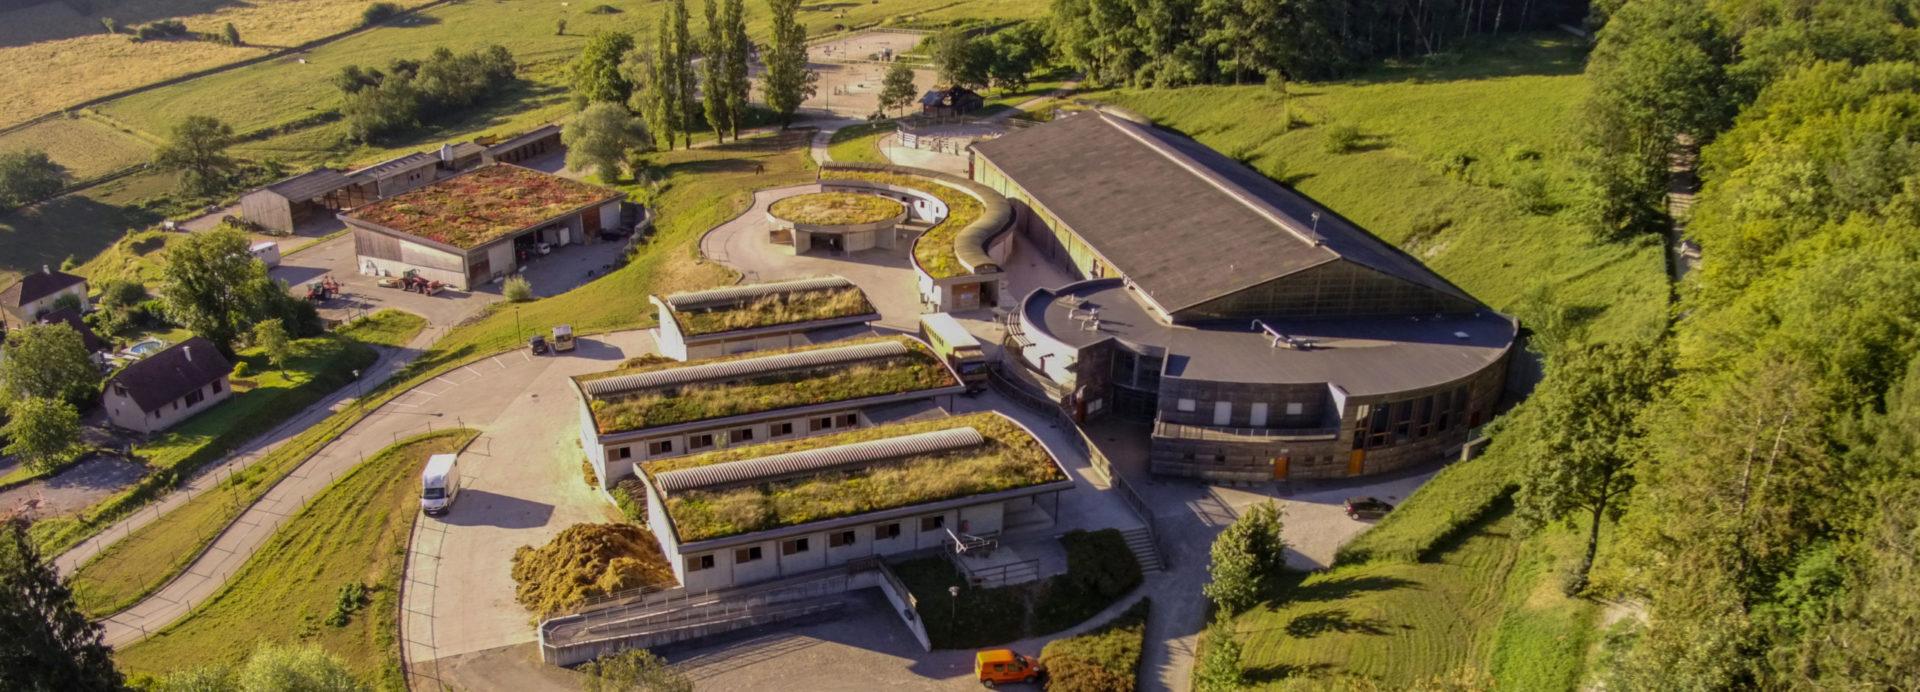 Etablissement Public Agricole Mancy Lons-le-Saunier